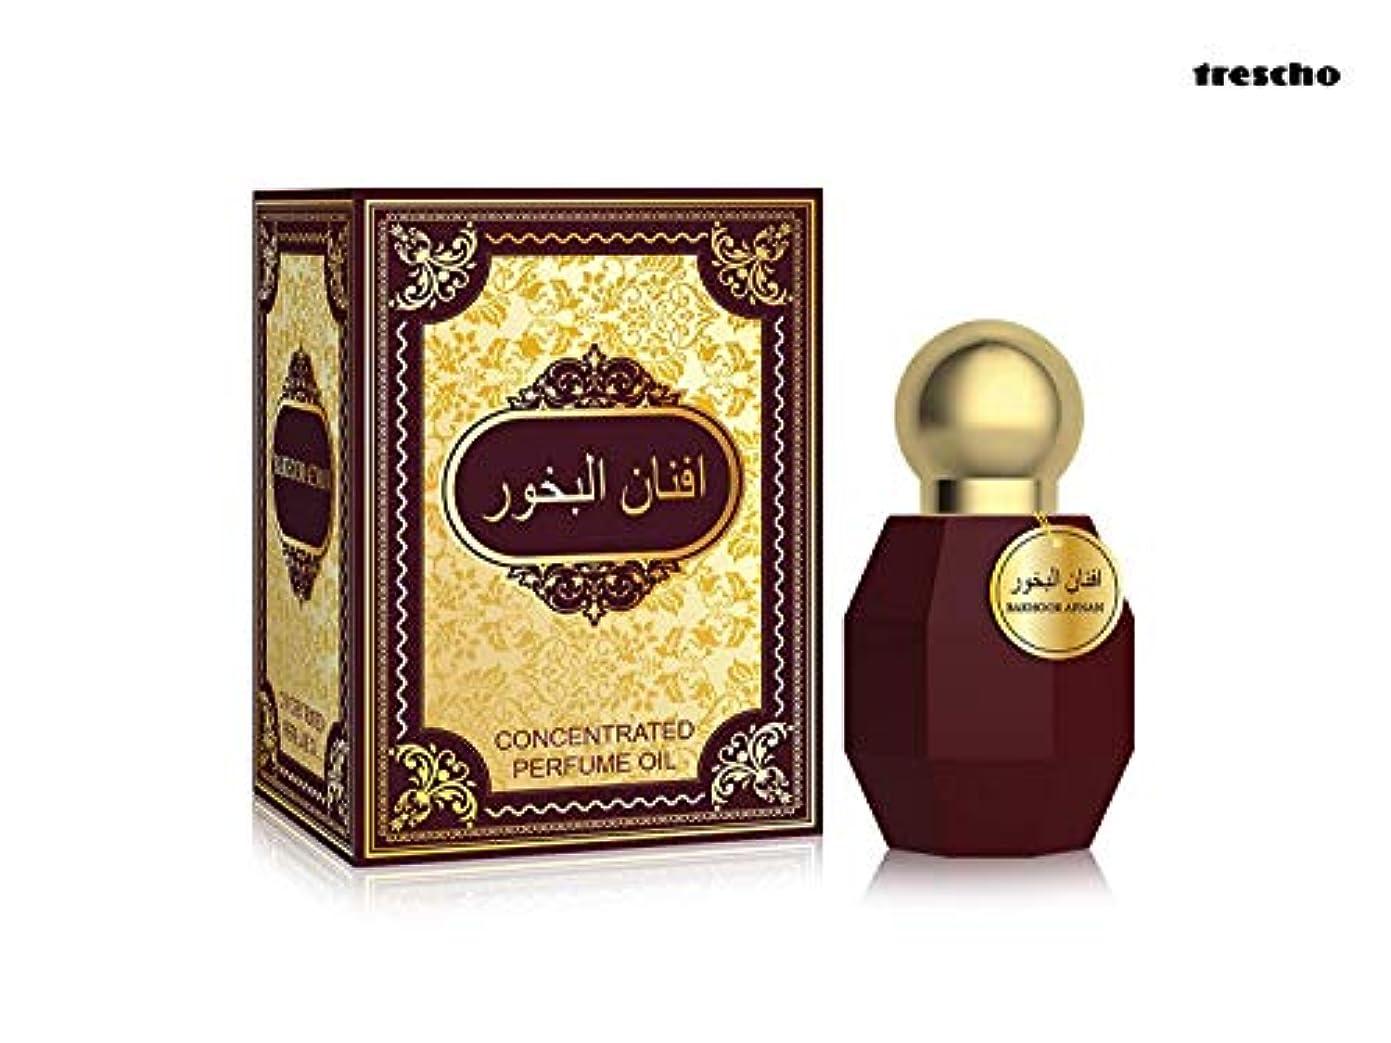 競争運営はさみ香水Bakhoor Afnanアター(Ittar)で20ミリリットルロール|アターITRA最高品質の香水長持ちアタースプレー